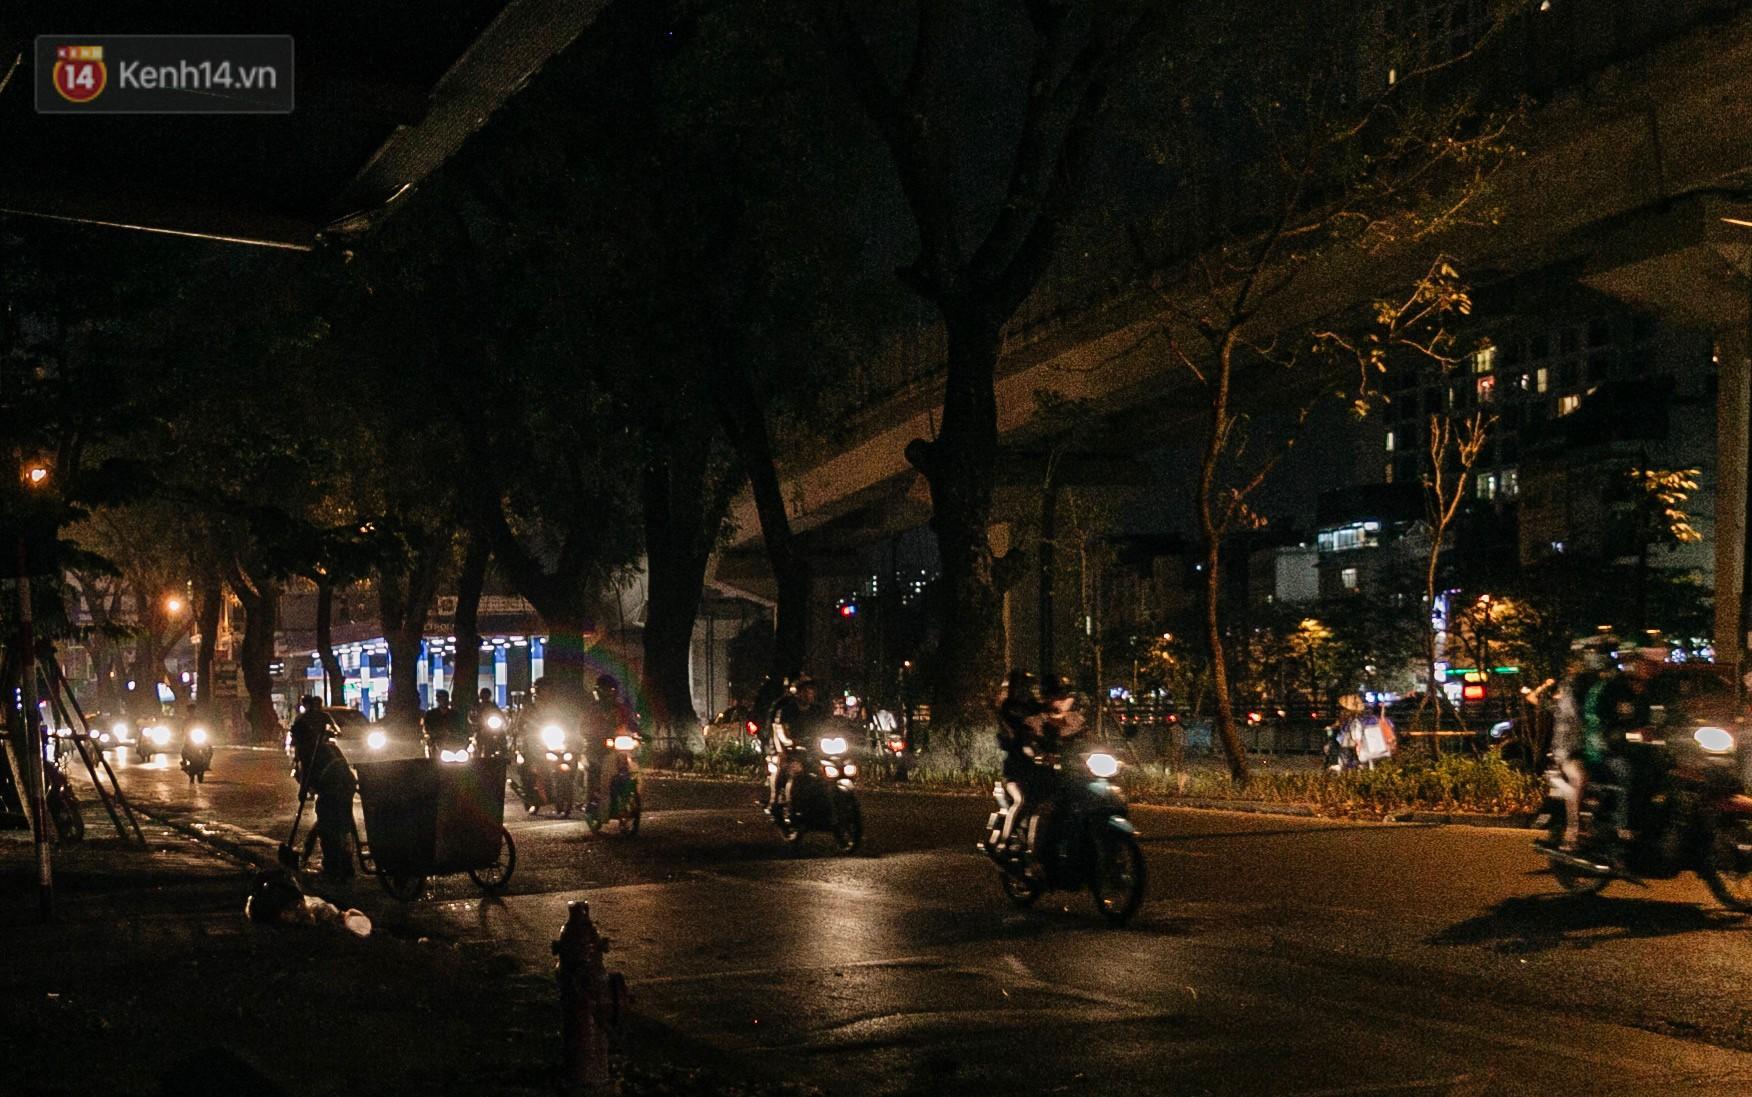 Sự ra đi của nữ công nhân môi trường và nỗi ám ảnh người ở lại: Những phận đời phu rác bám đường phố Hà Nội mưu sinh-4